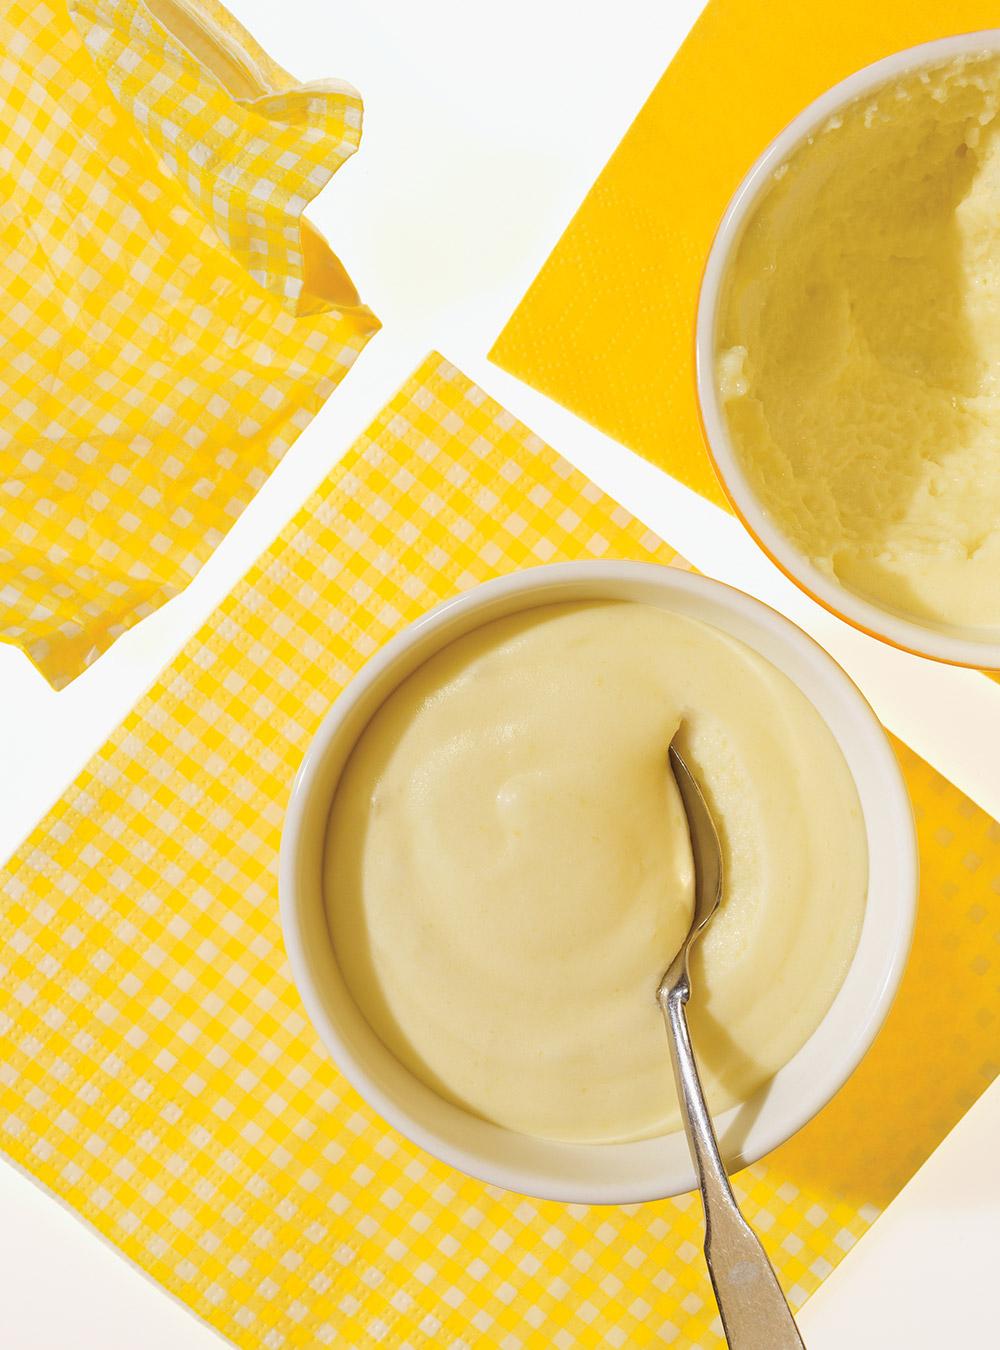 Recette ricardo gateau citron